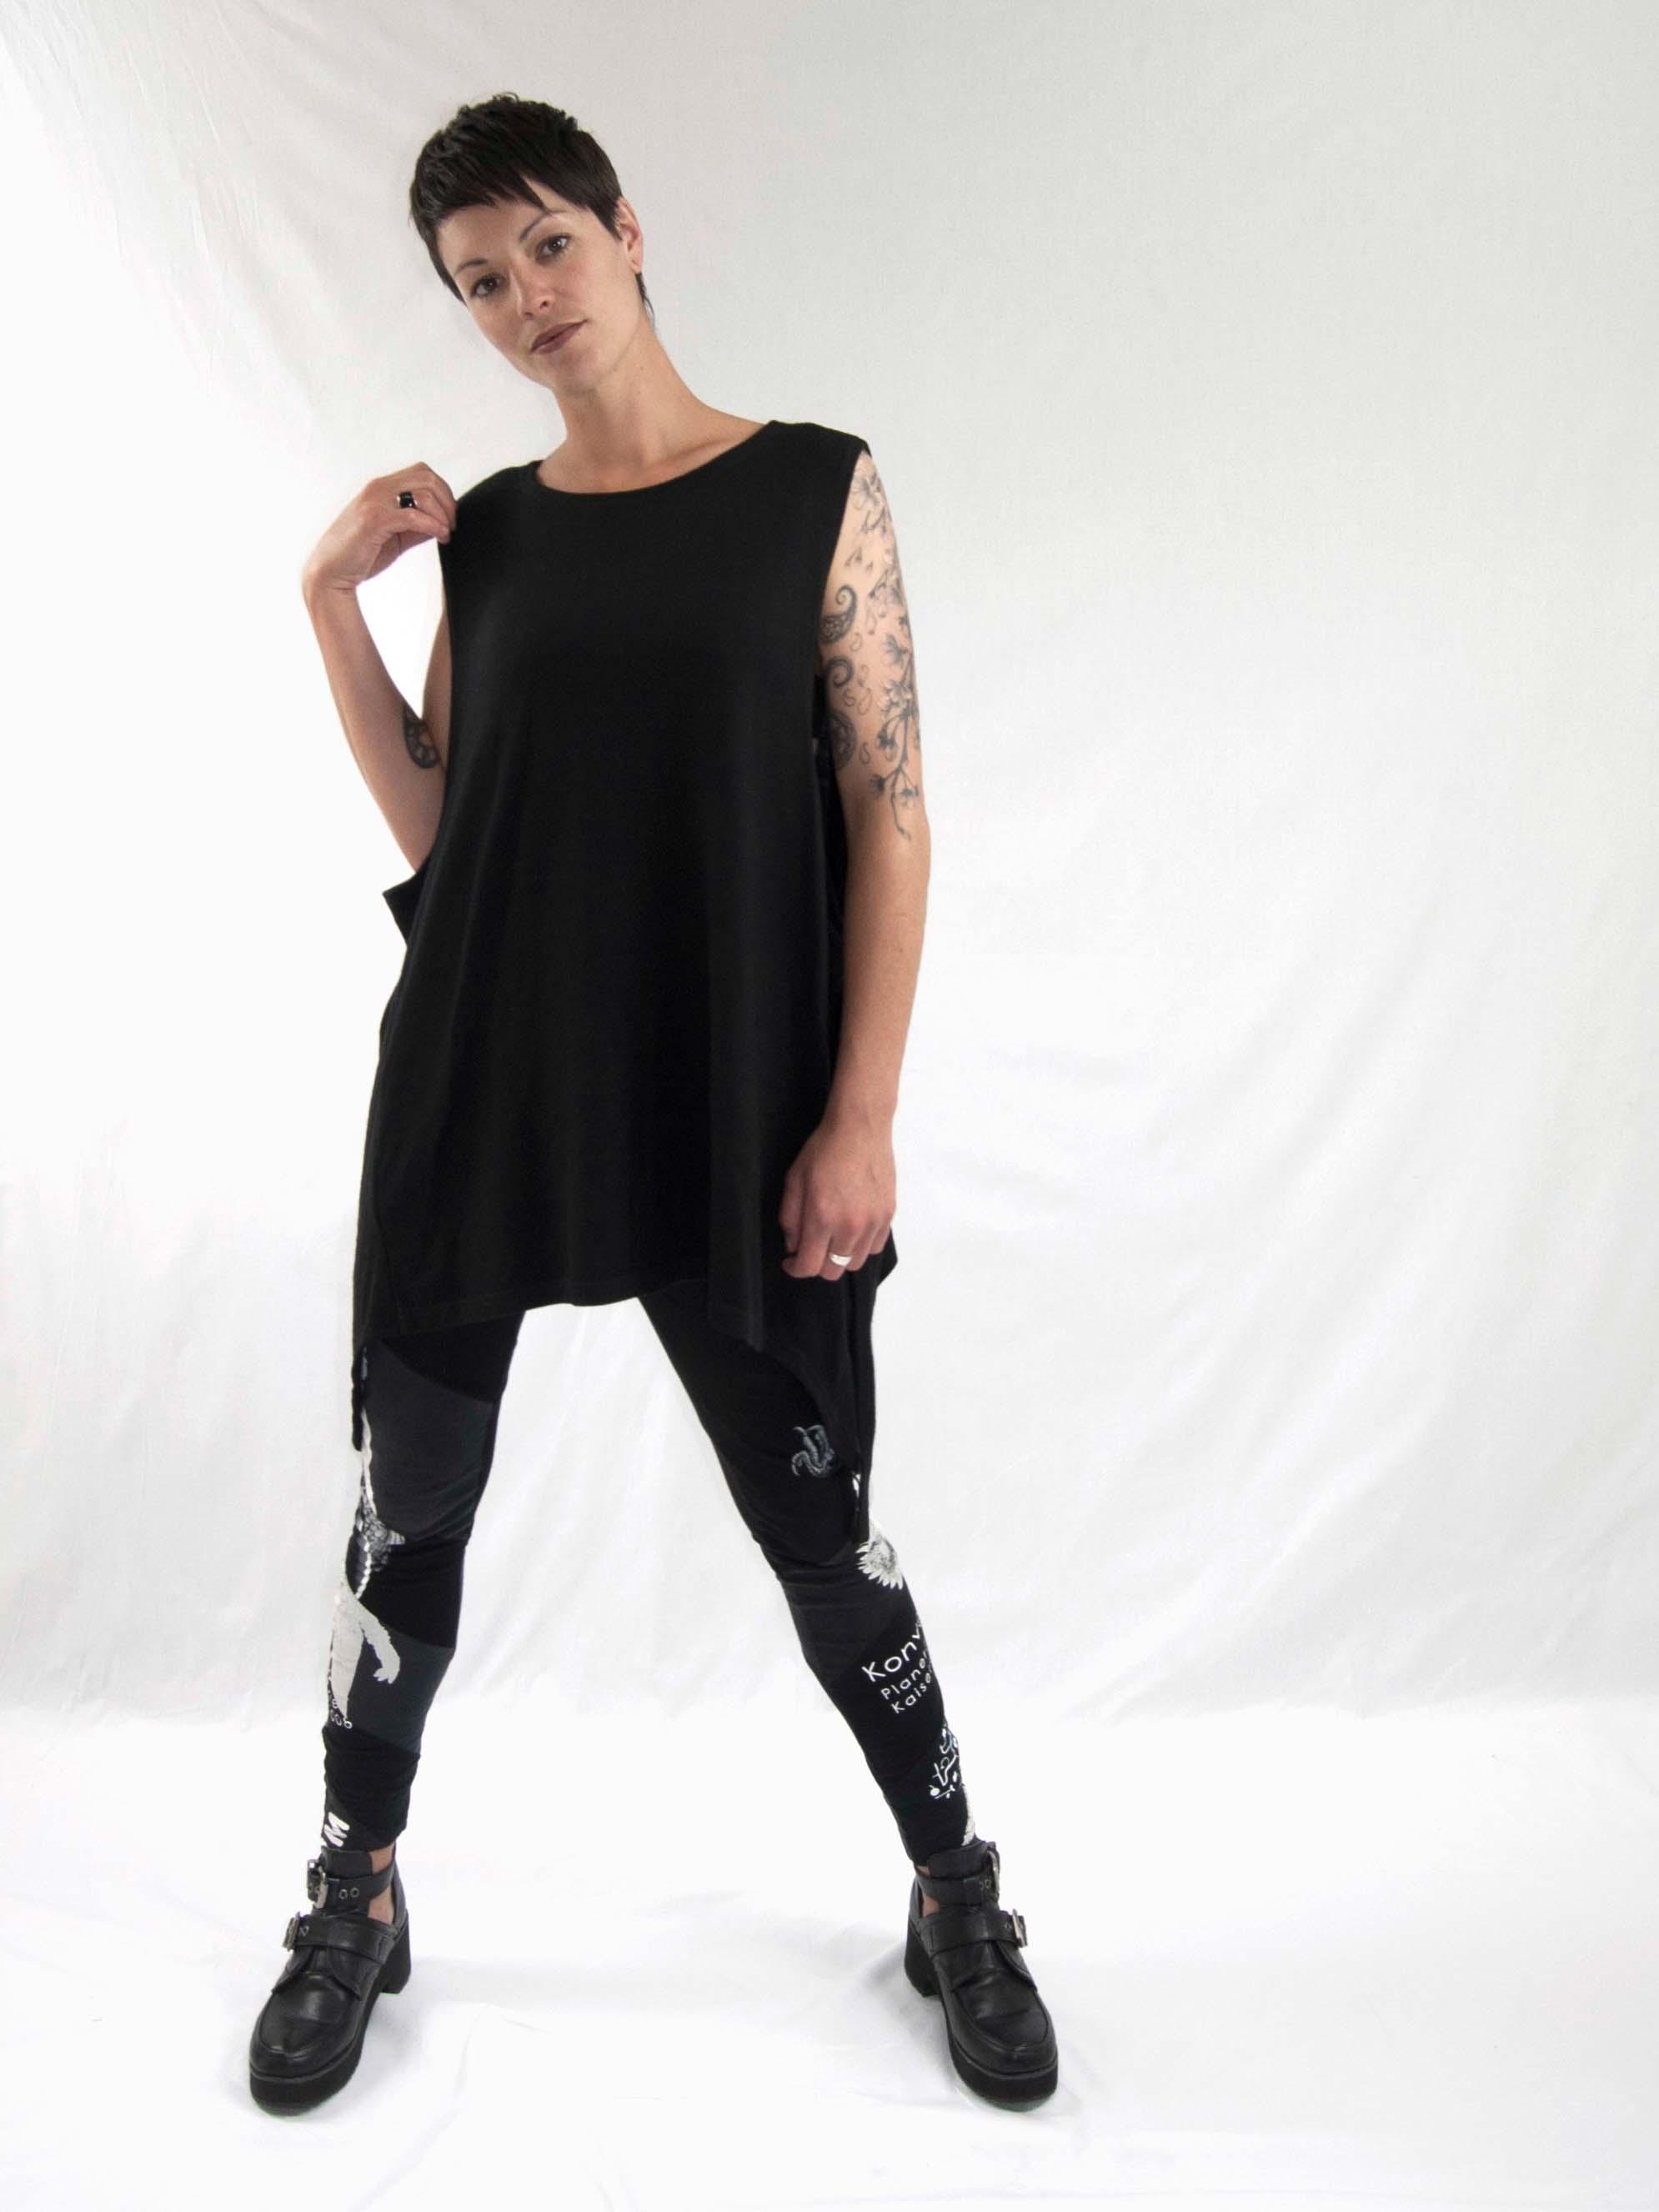 1oversized singlet, reconstructed leggings